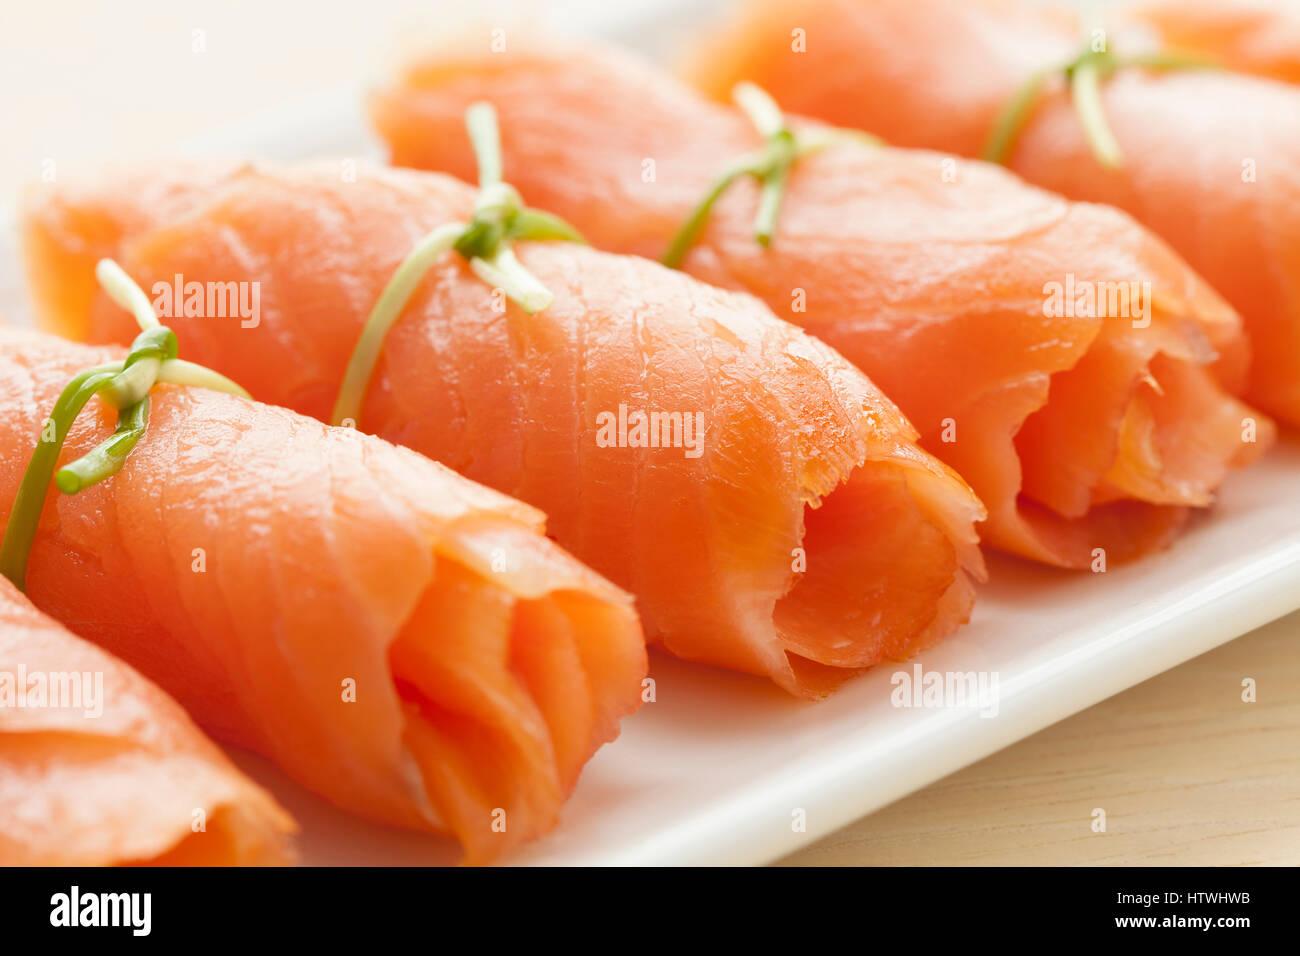 Rollos de salmón ahumado con cebollino como snack Imagen De Stock